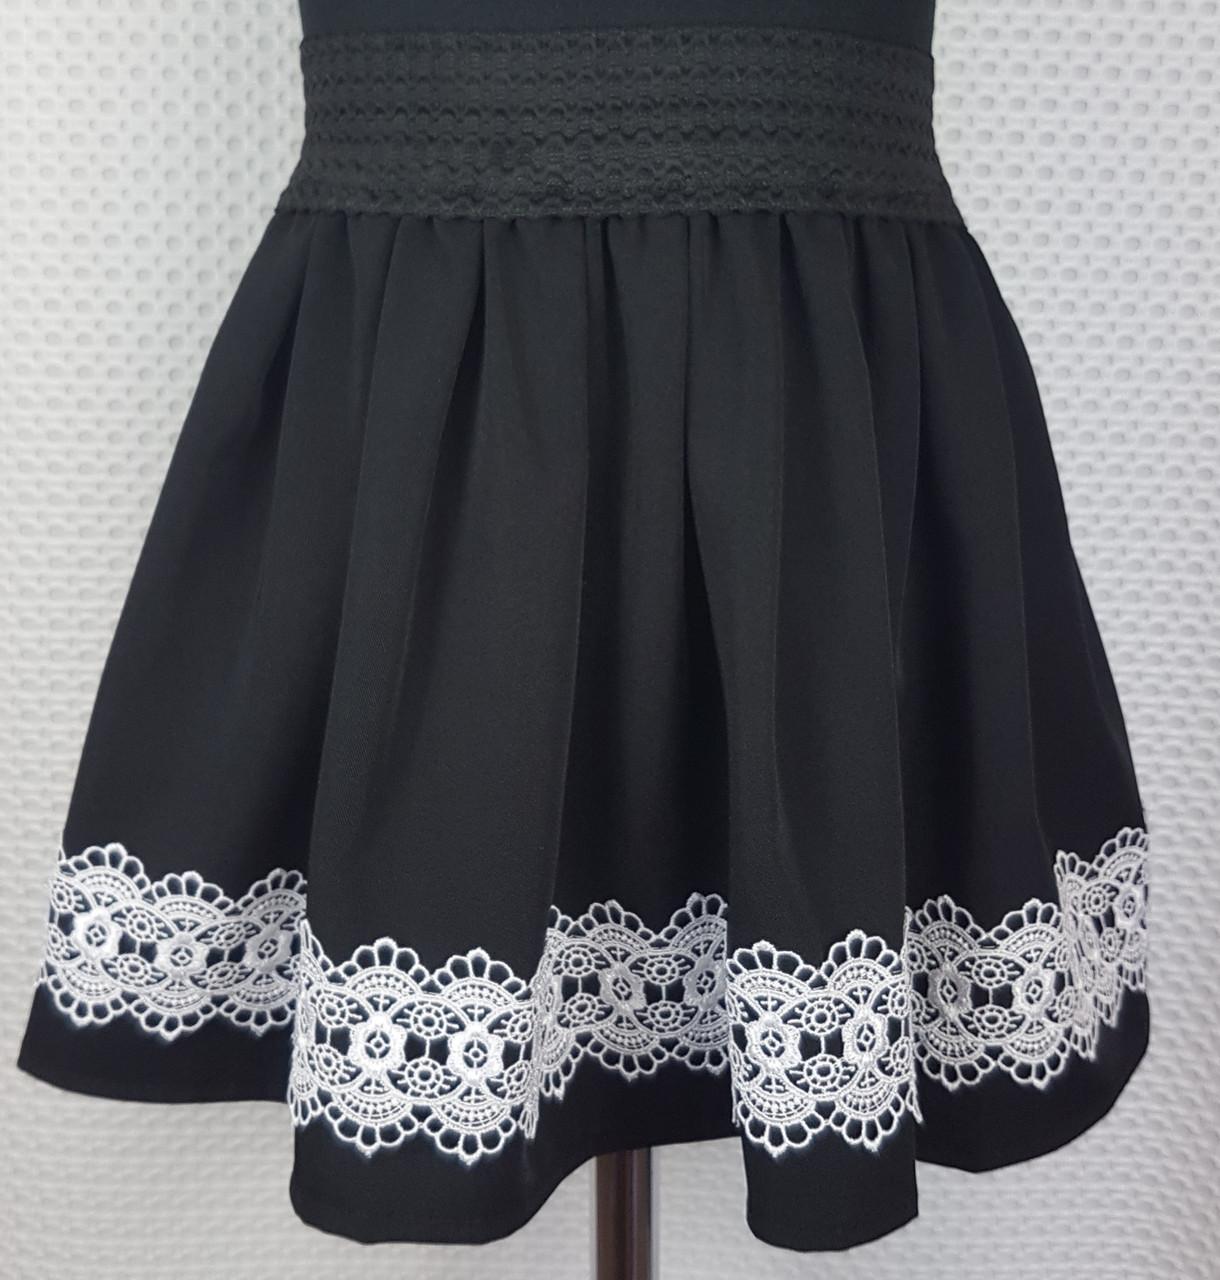 Детская школьная юбка  р.116-134 черный + белое кружево вставка